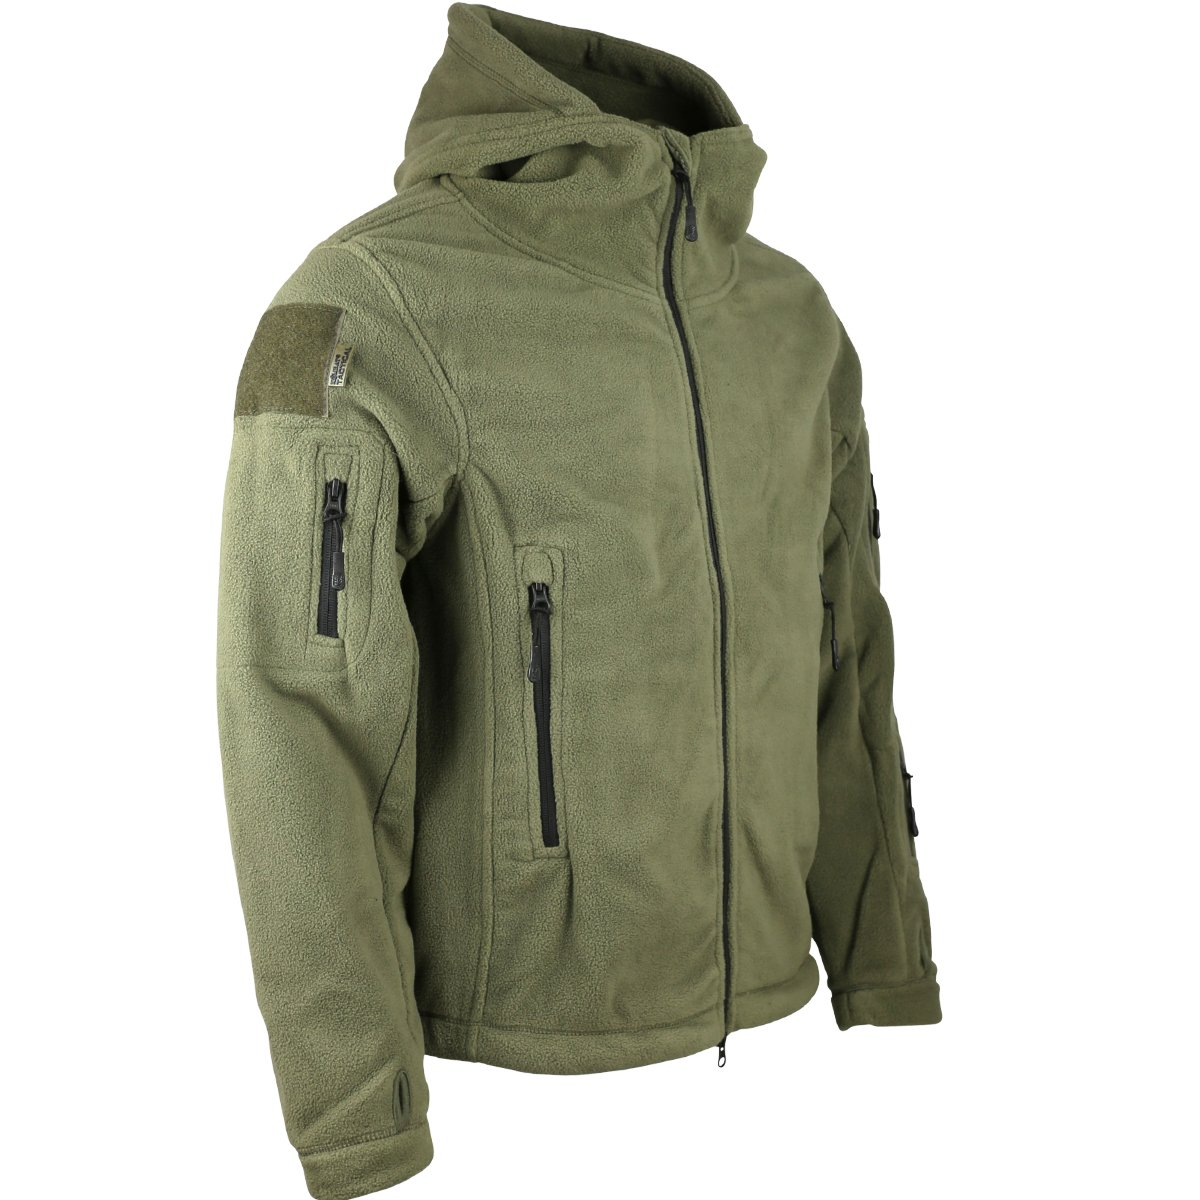 Tactical fleece hoodie